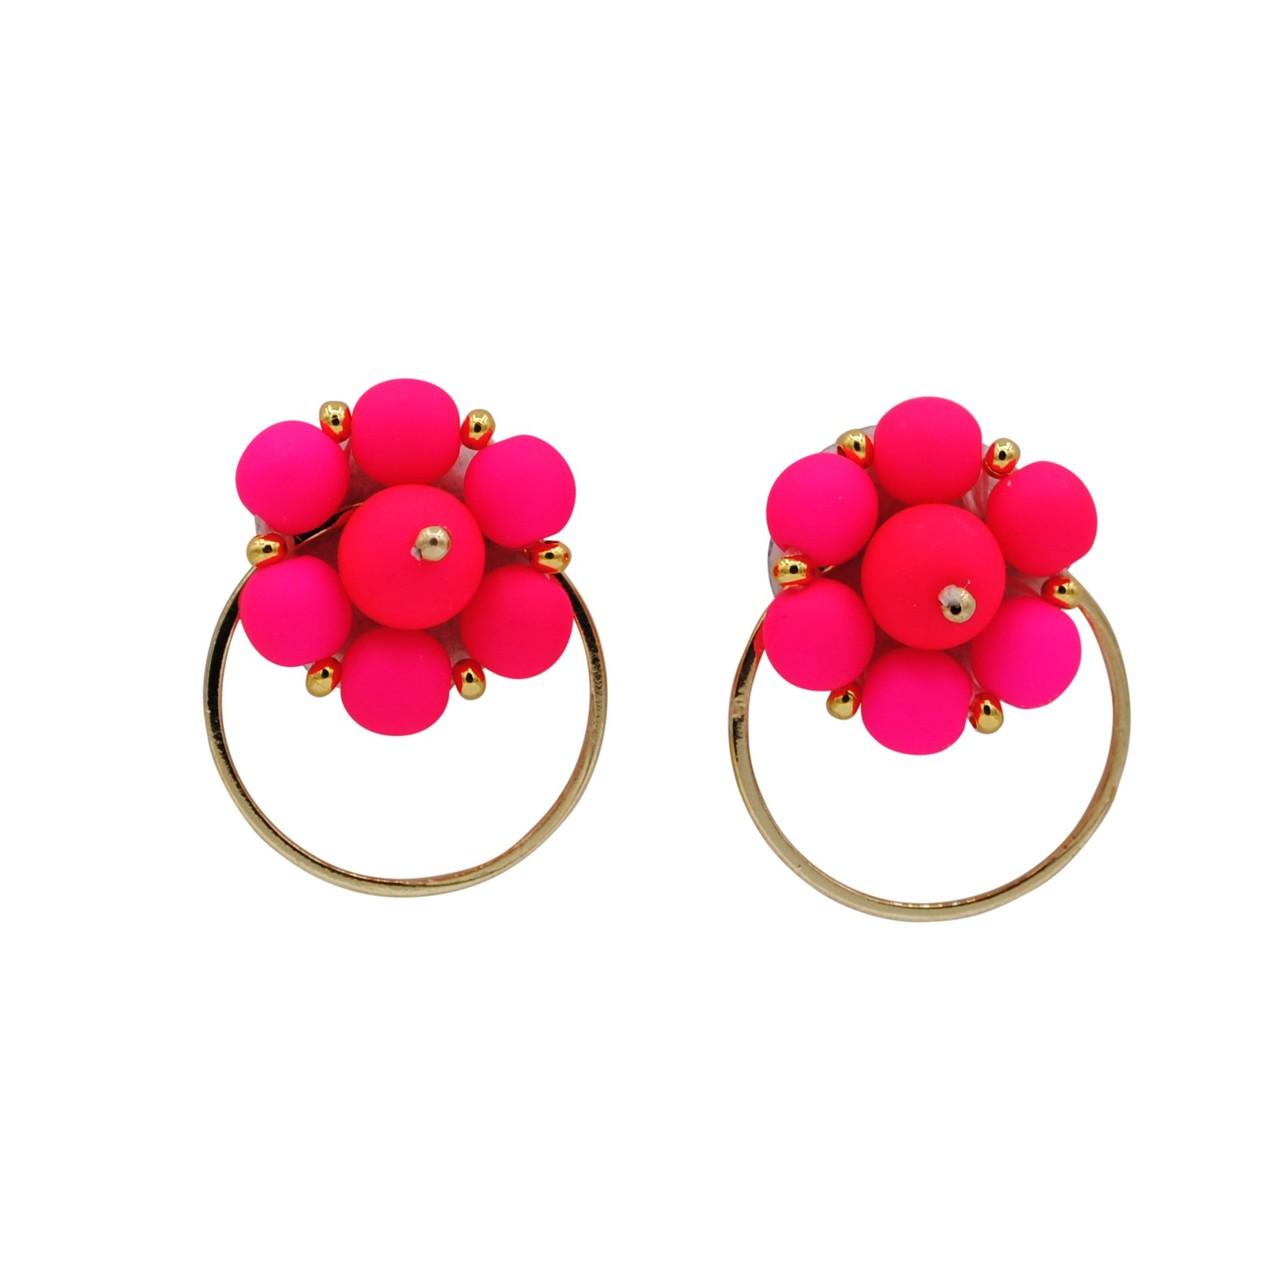 Forever Fiesta Hoop Earrings in Pink